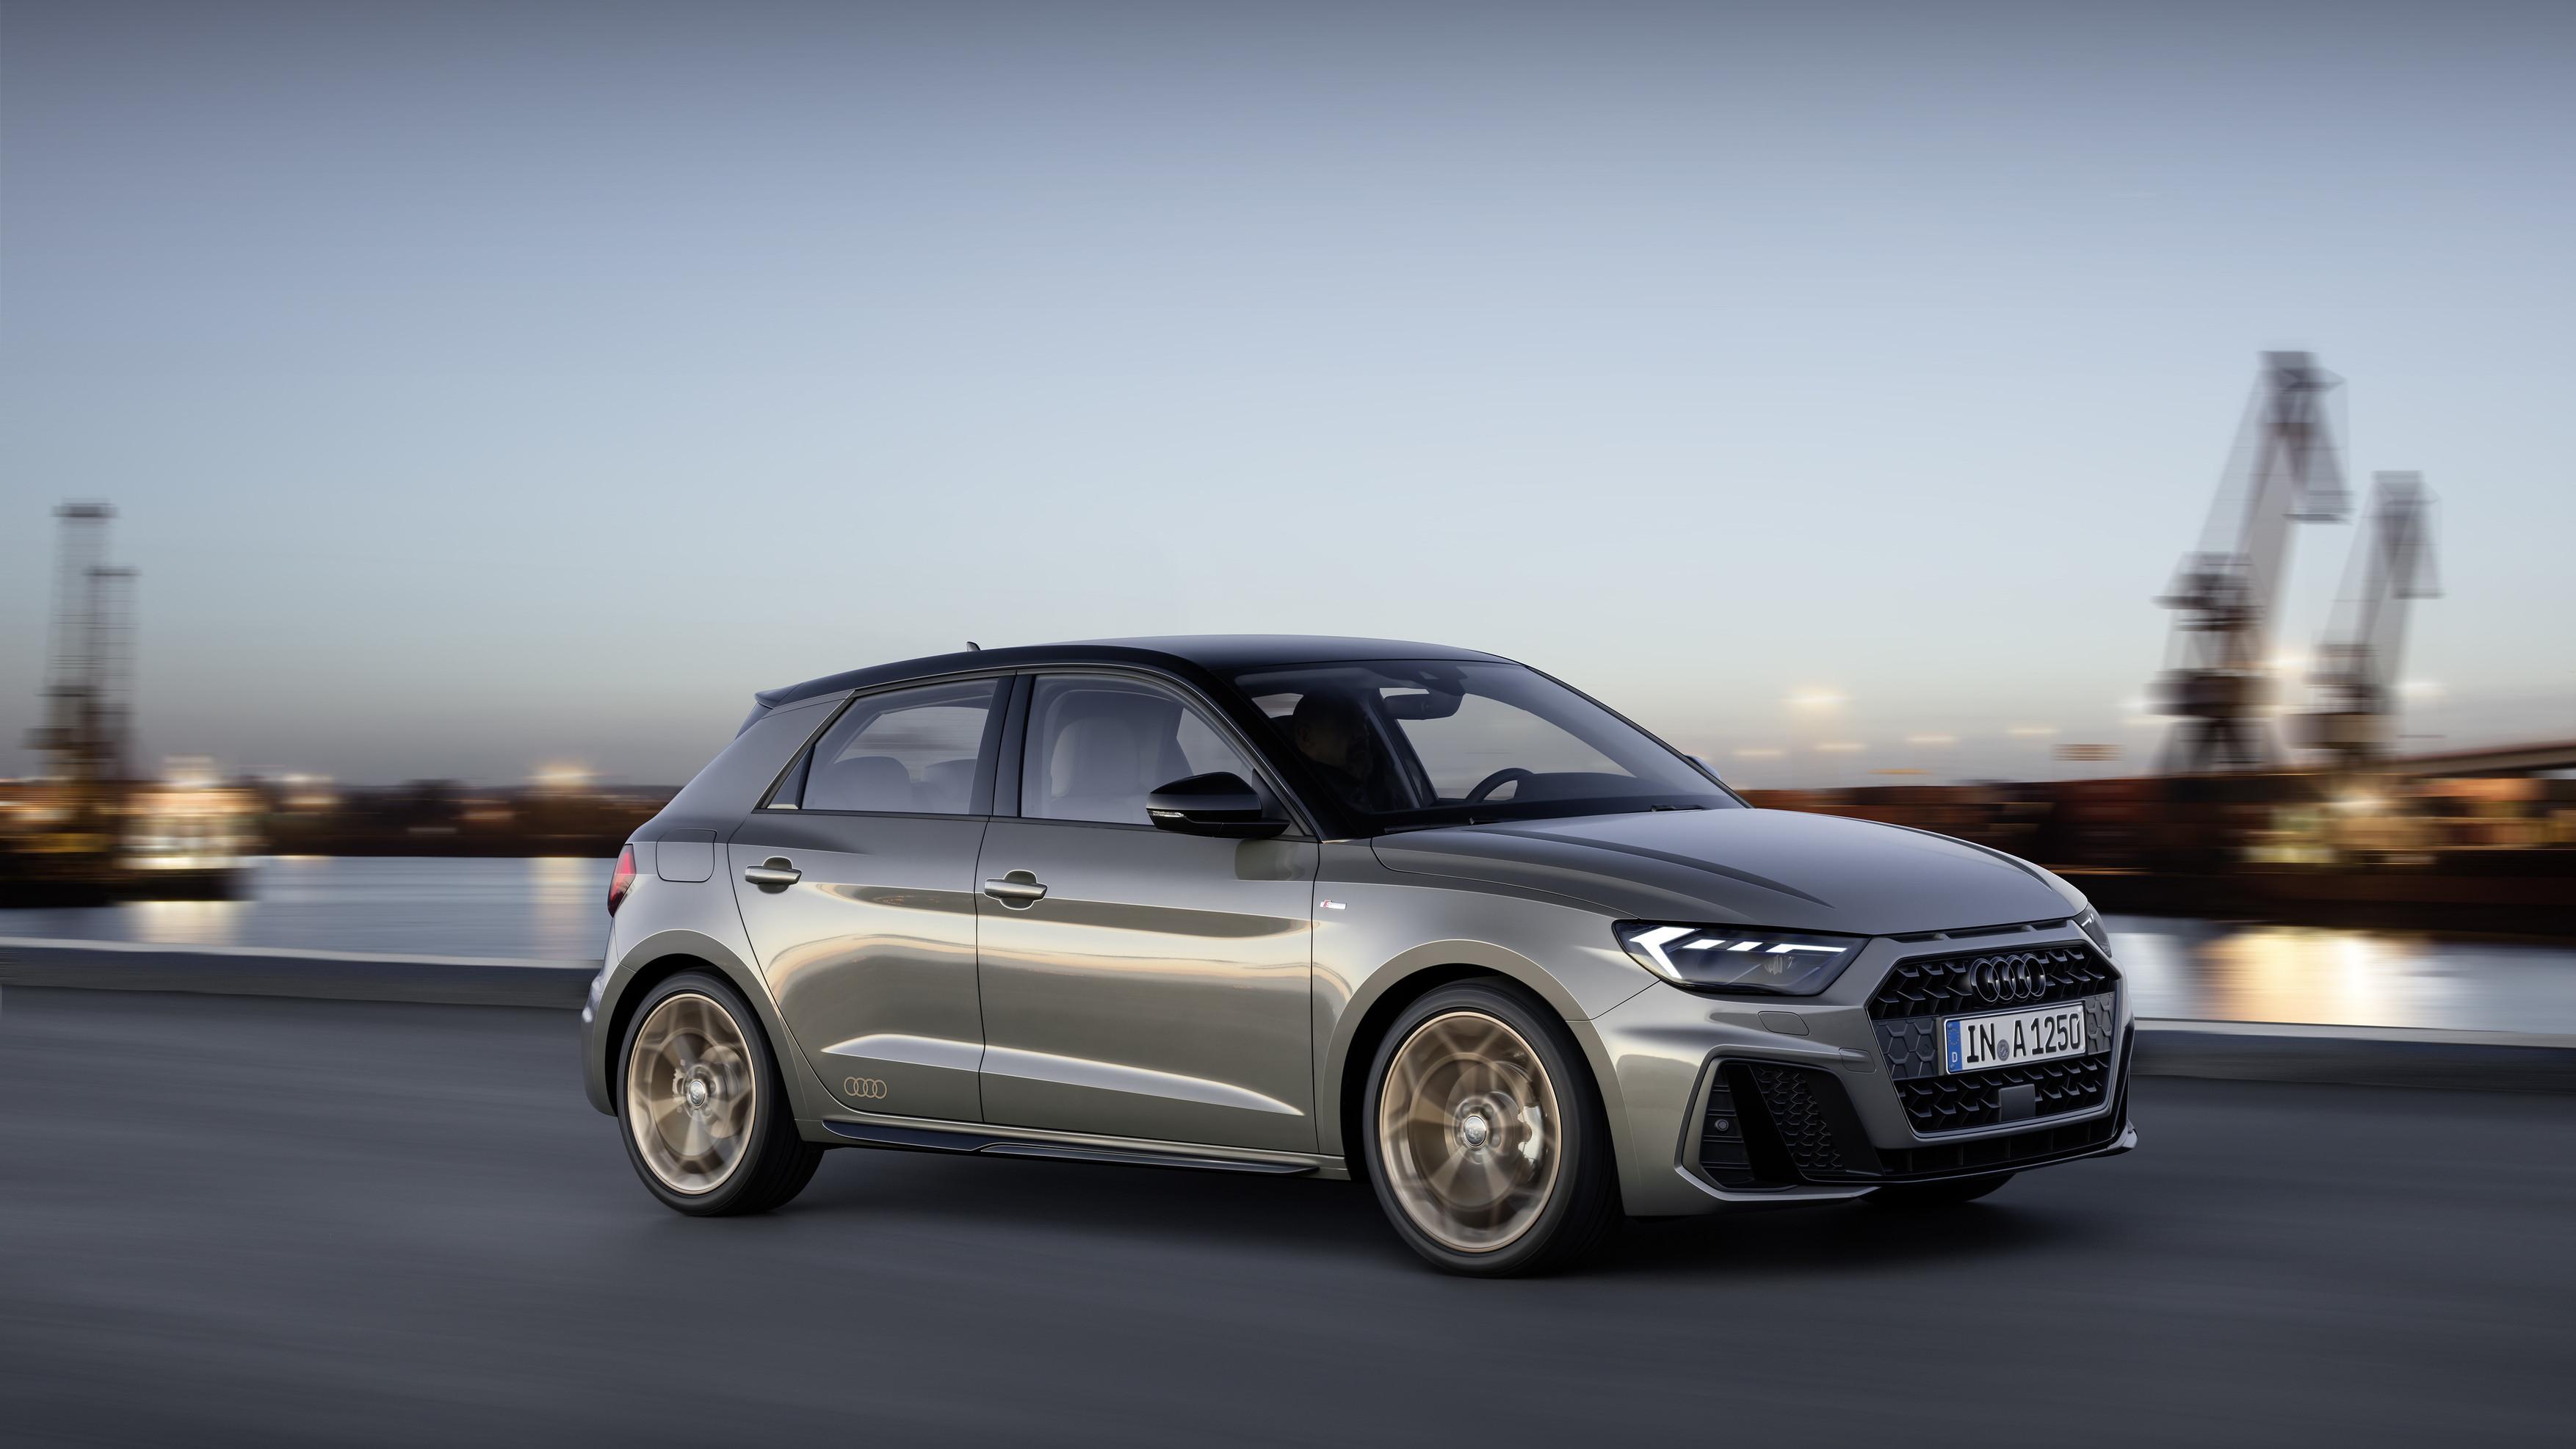 Audi definitivno neće proizvoditi novi model S1